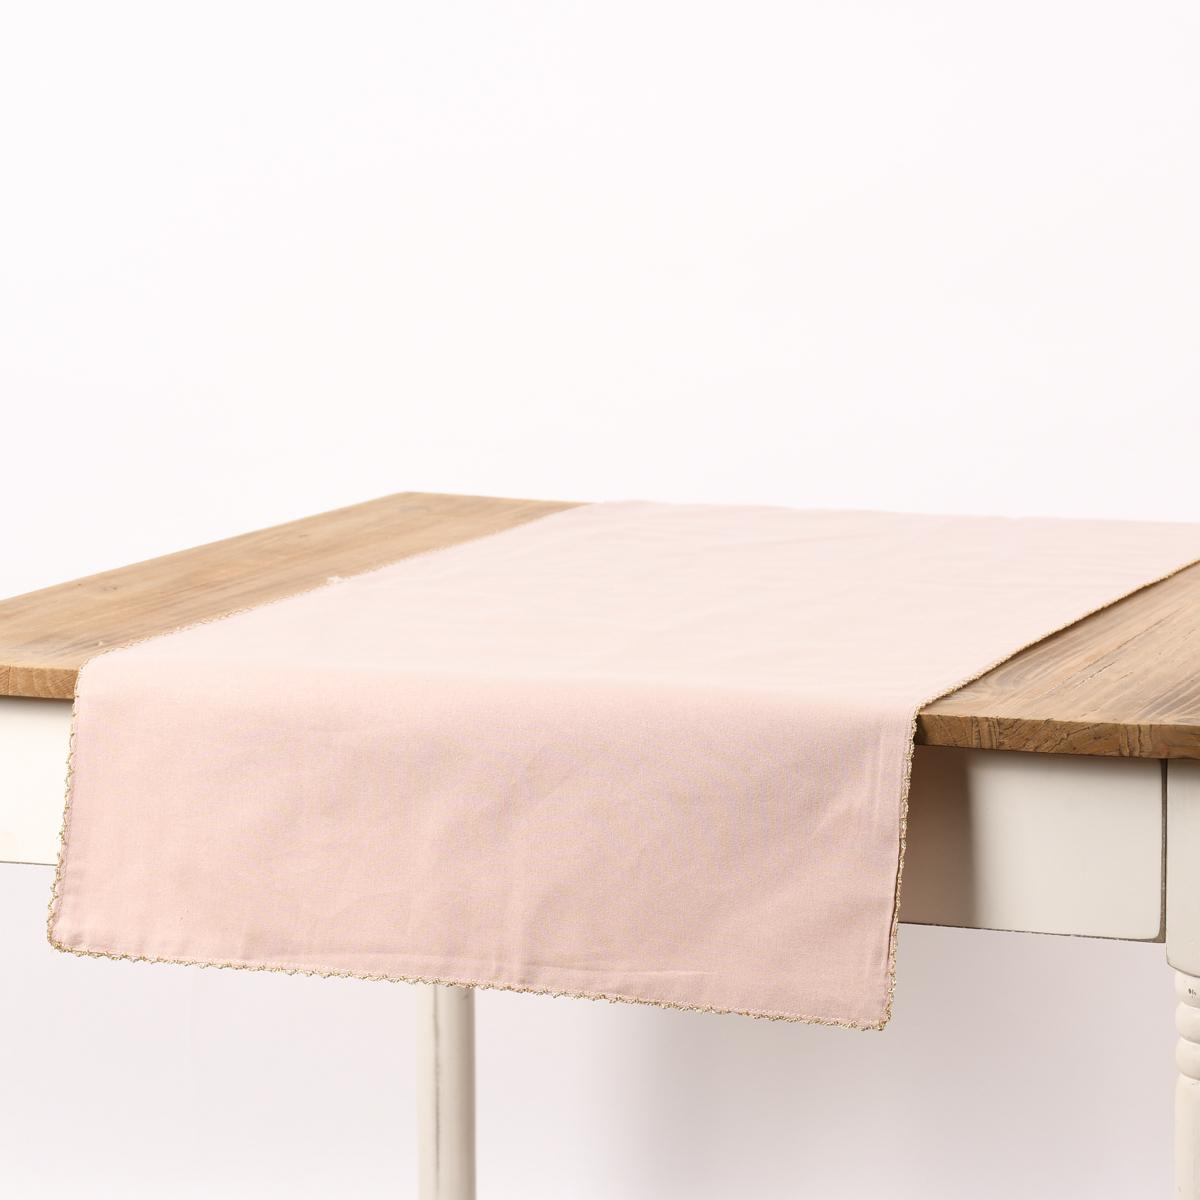 Tischläufer Runa mit Borte rosa goldfarbig 45x150cm